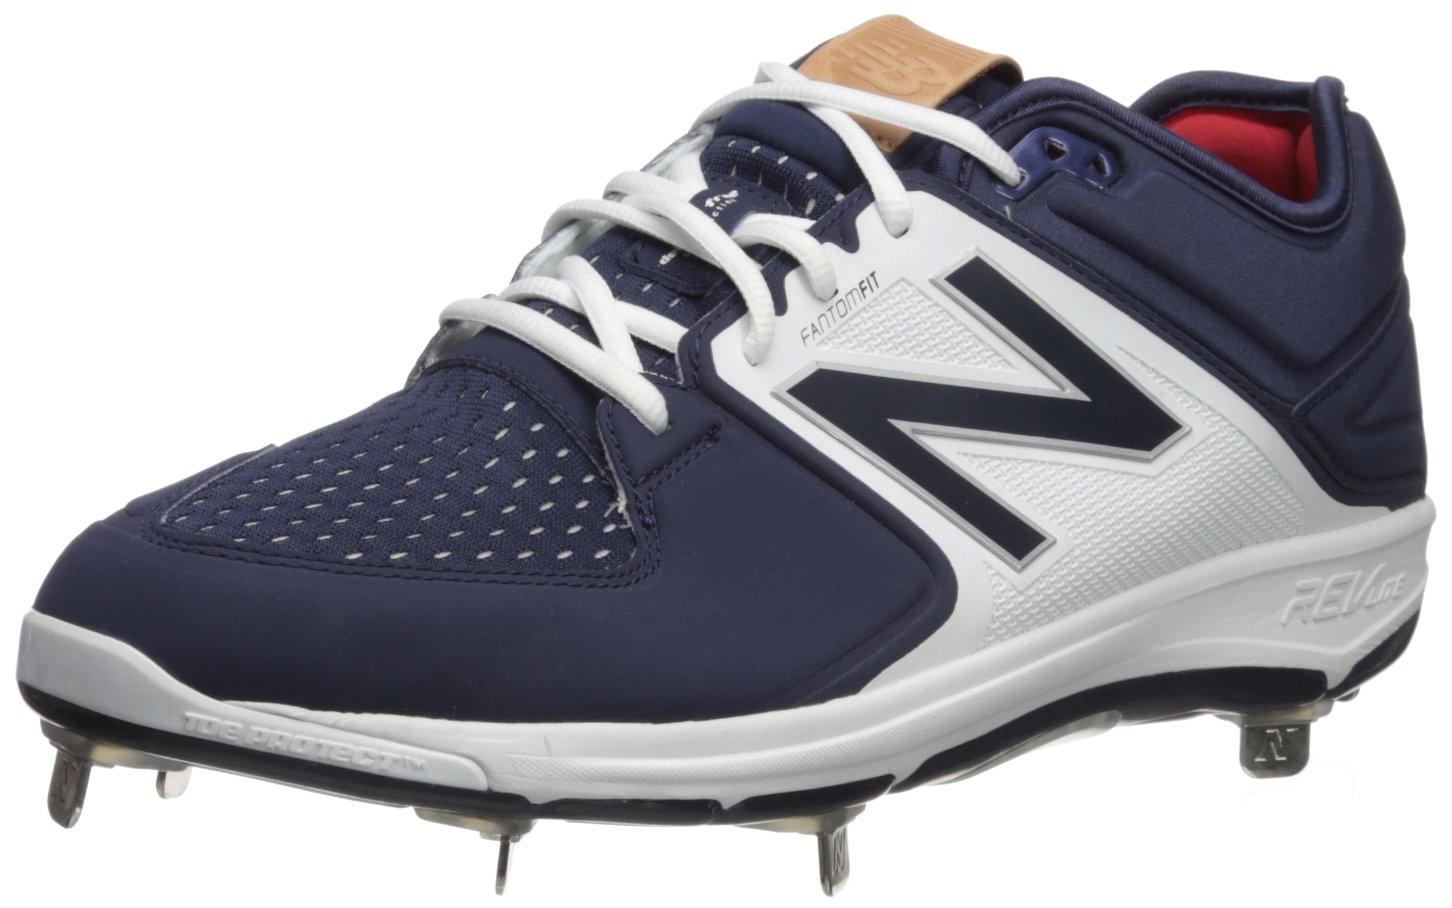 (ニューバランス) New Balance メンズ L3000v3 野球スパイクシューズ B019EEOI4Q 12.5 D(M) US|ネイビー/ホワイト ネイビー/ホワイト 12.5 D(M) US